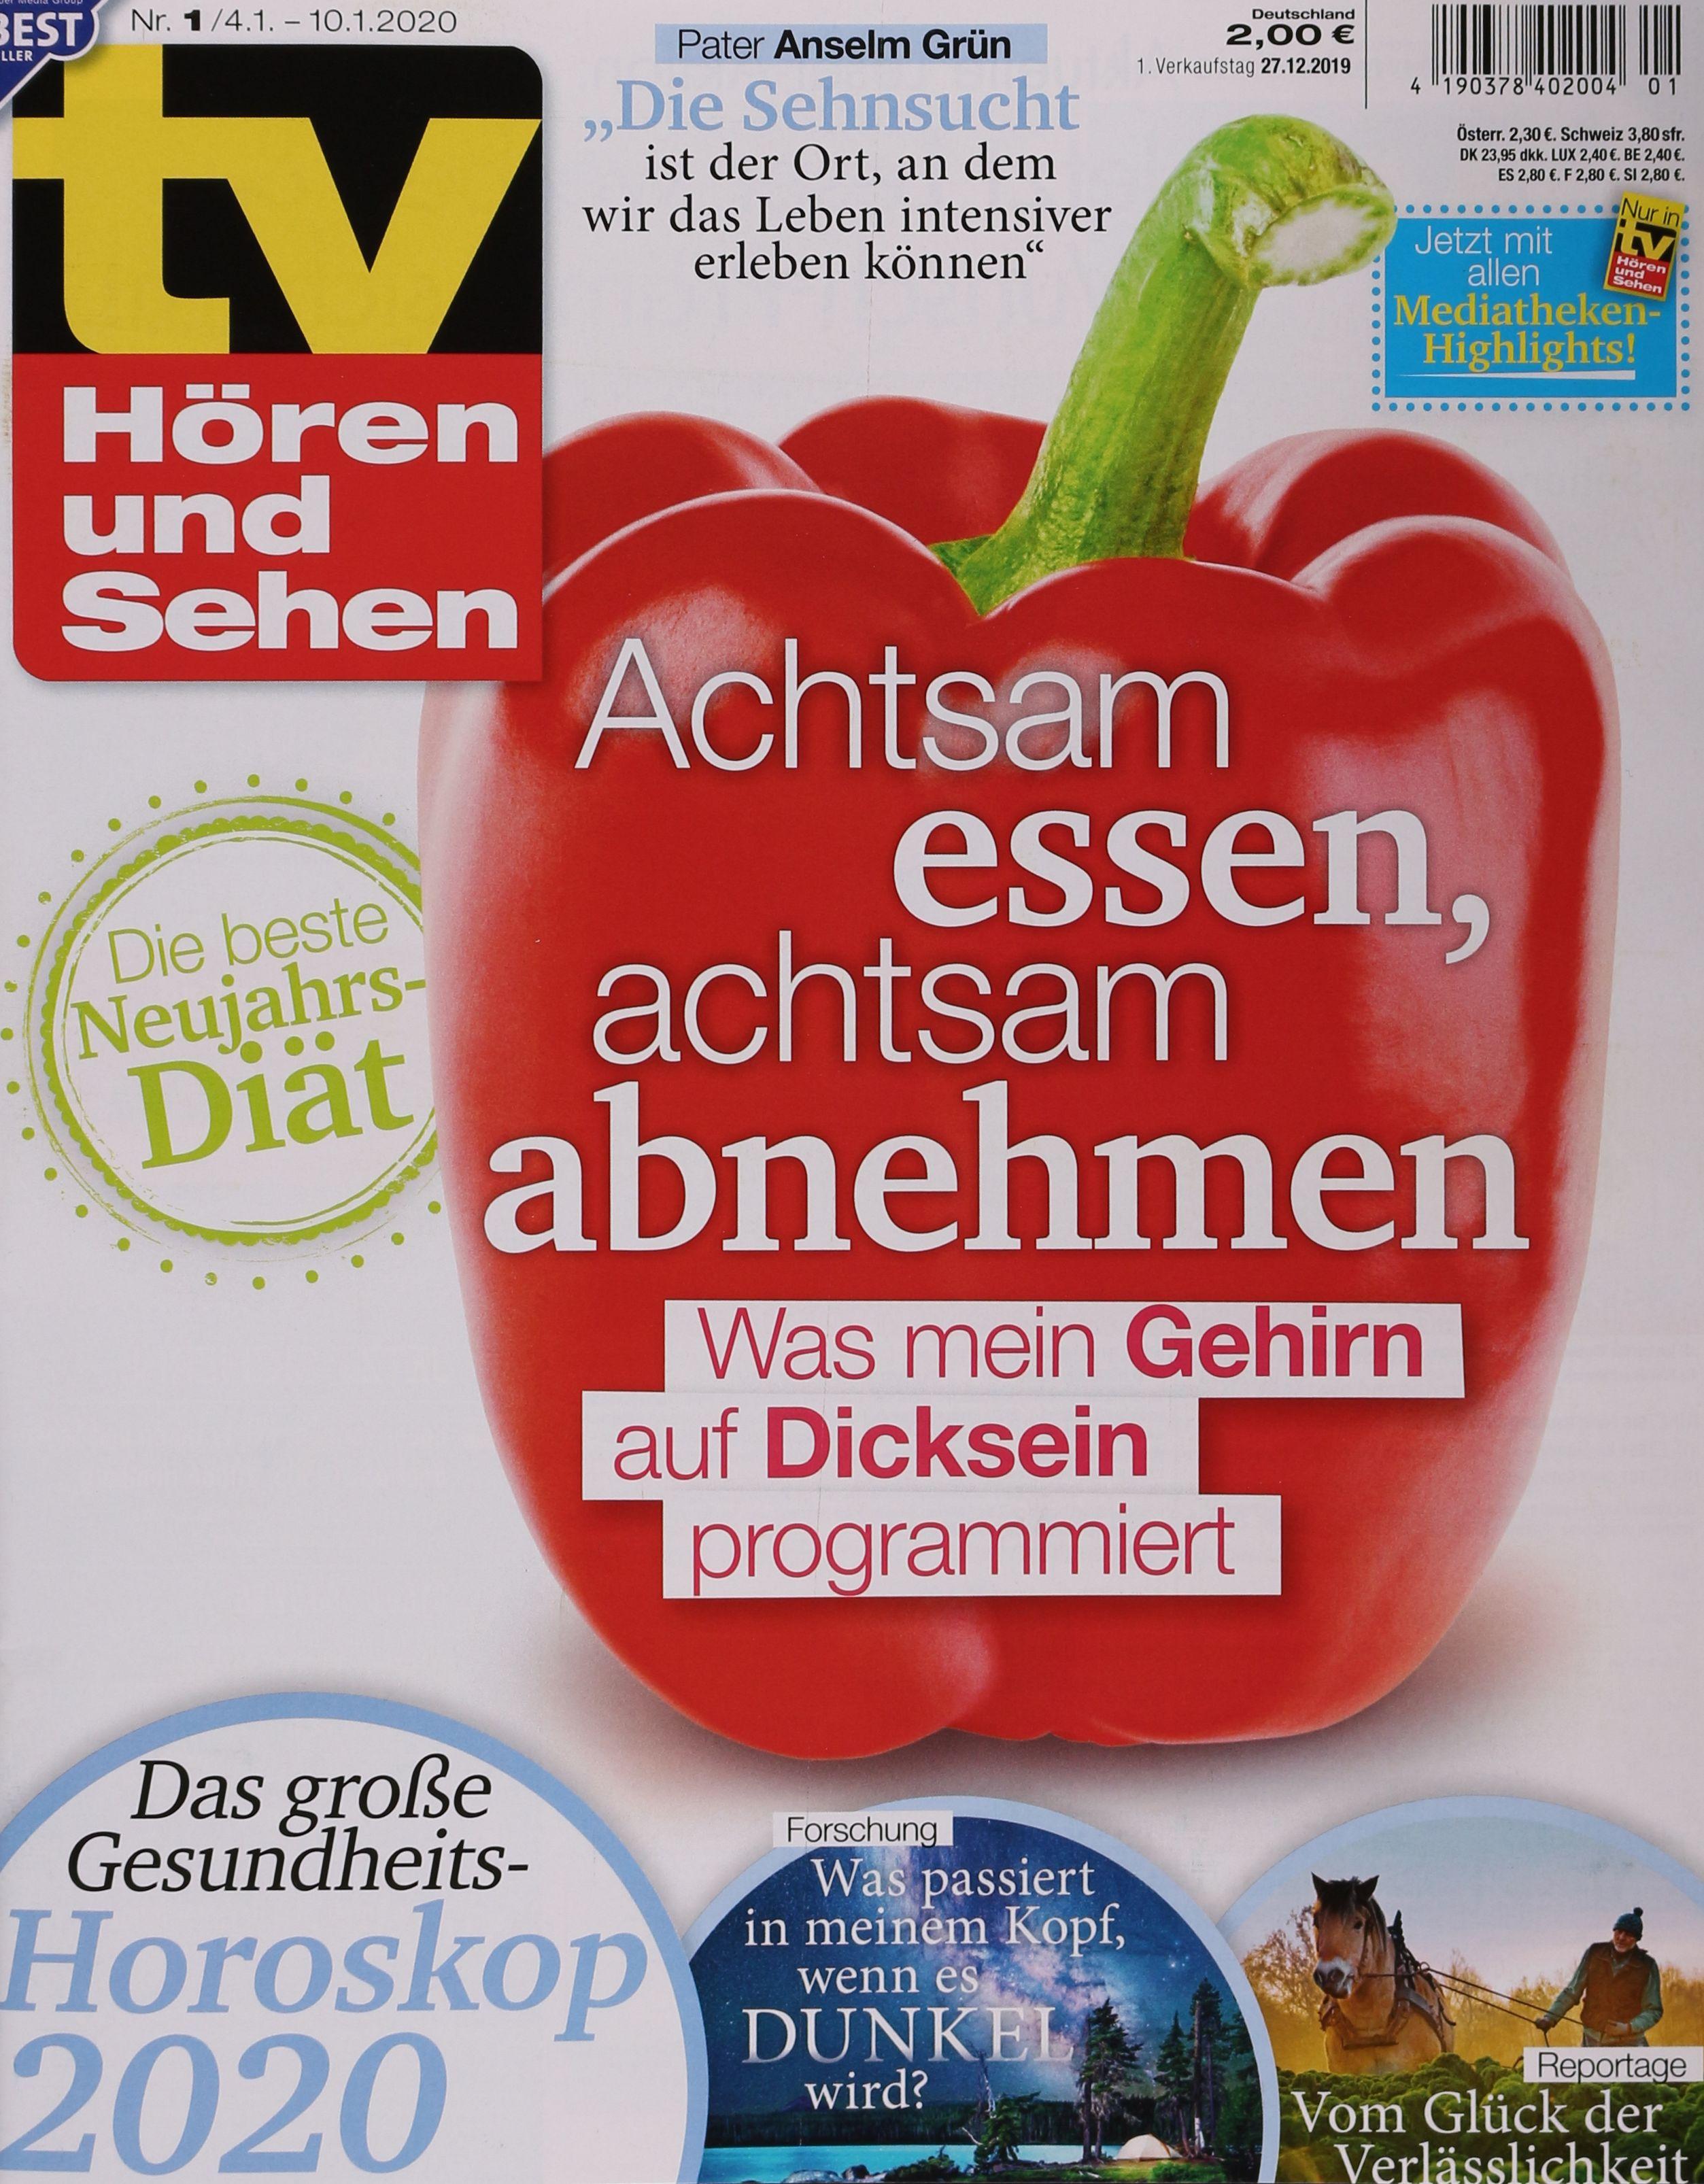 TV HÖREN+SEHEN 12020 Zeitungen und Zeitschriften online xIRJu